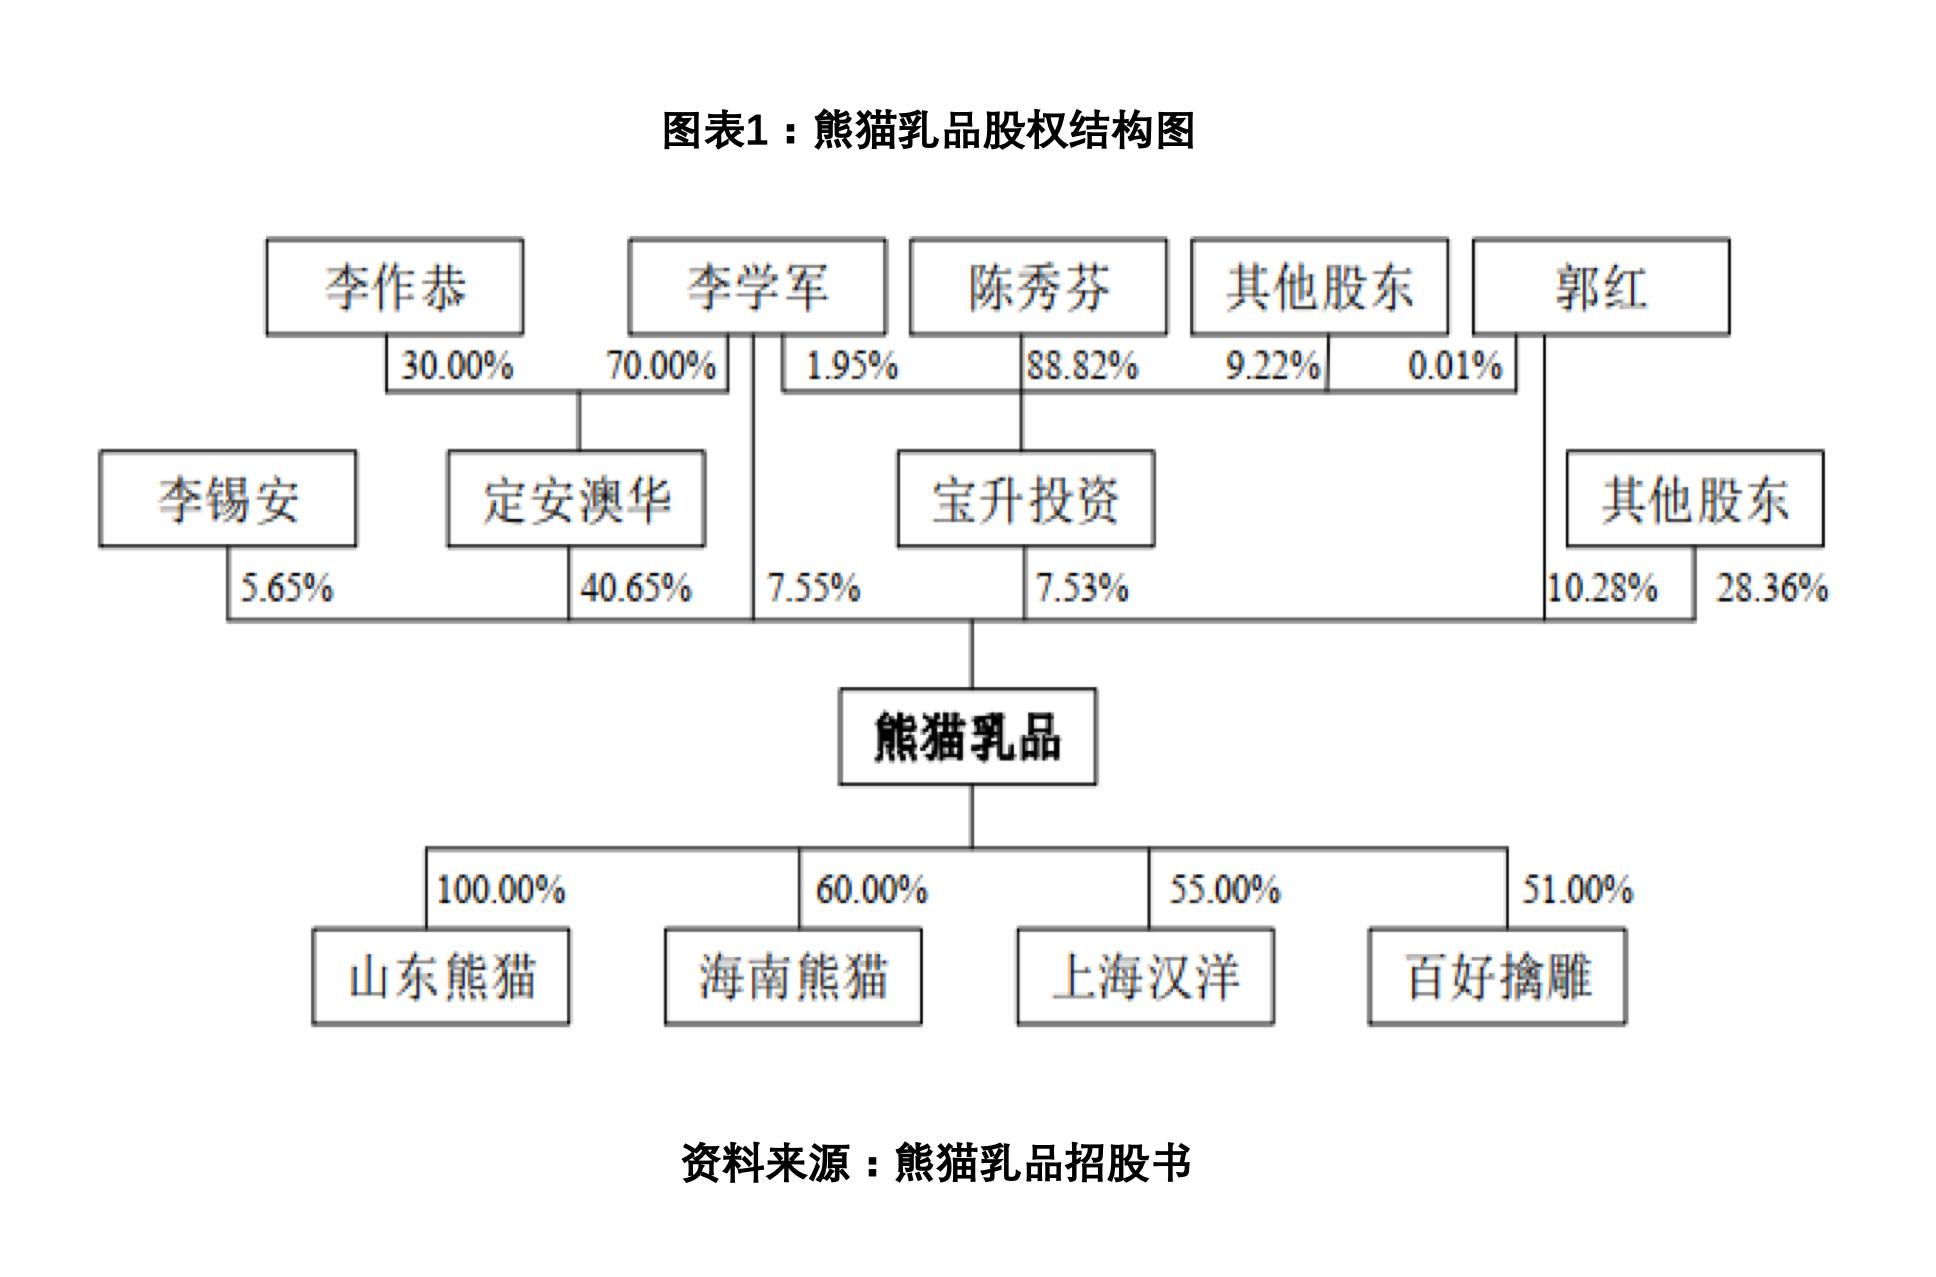 熊猫乳品IPO诊断报告:国内第二炼乳品牌,产能利用率持续走低